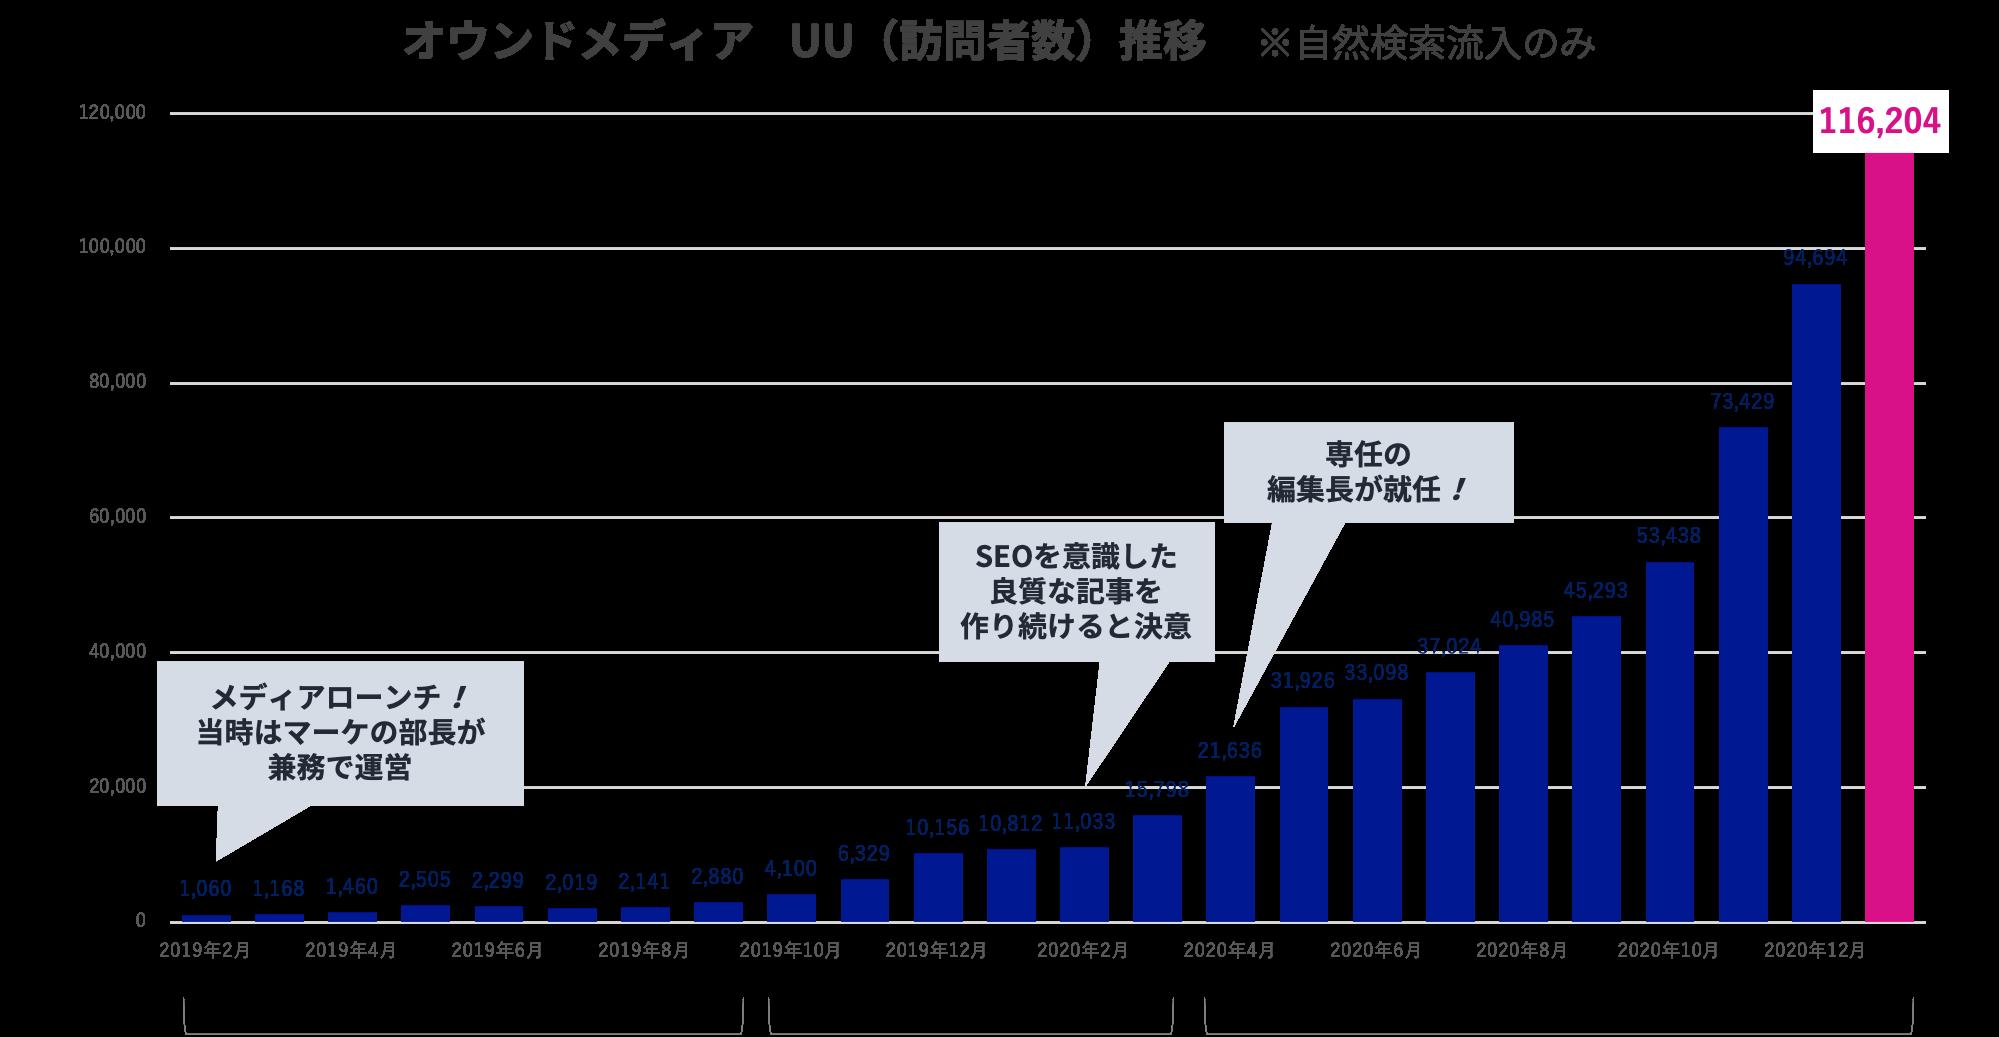 株式会社キーワードマーケティング オウンドメディア UU(訪問者数)推移